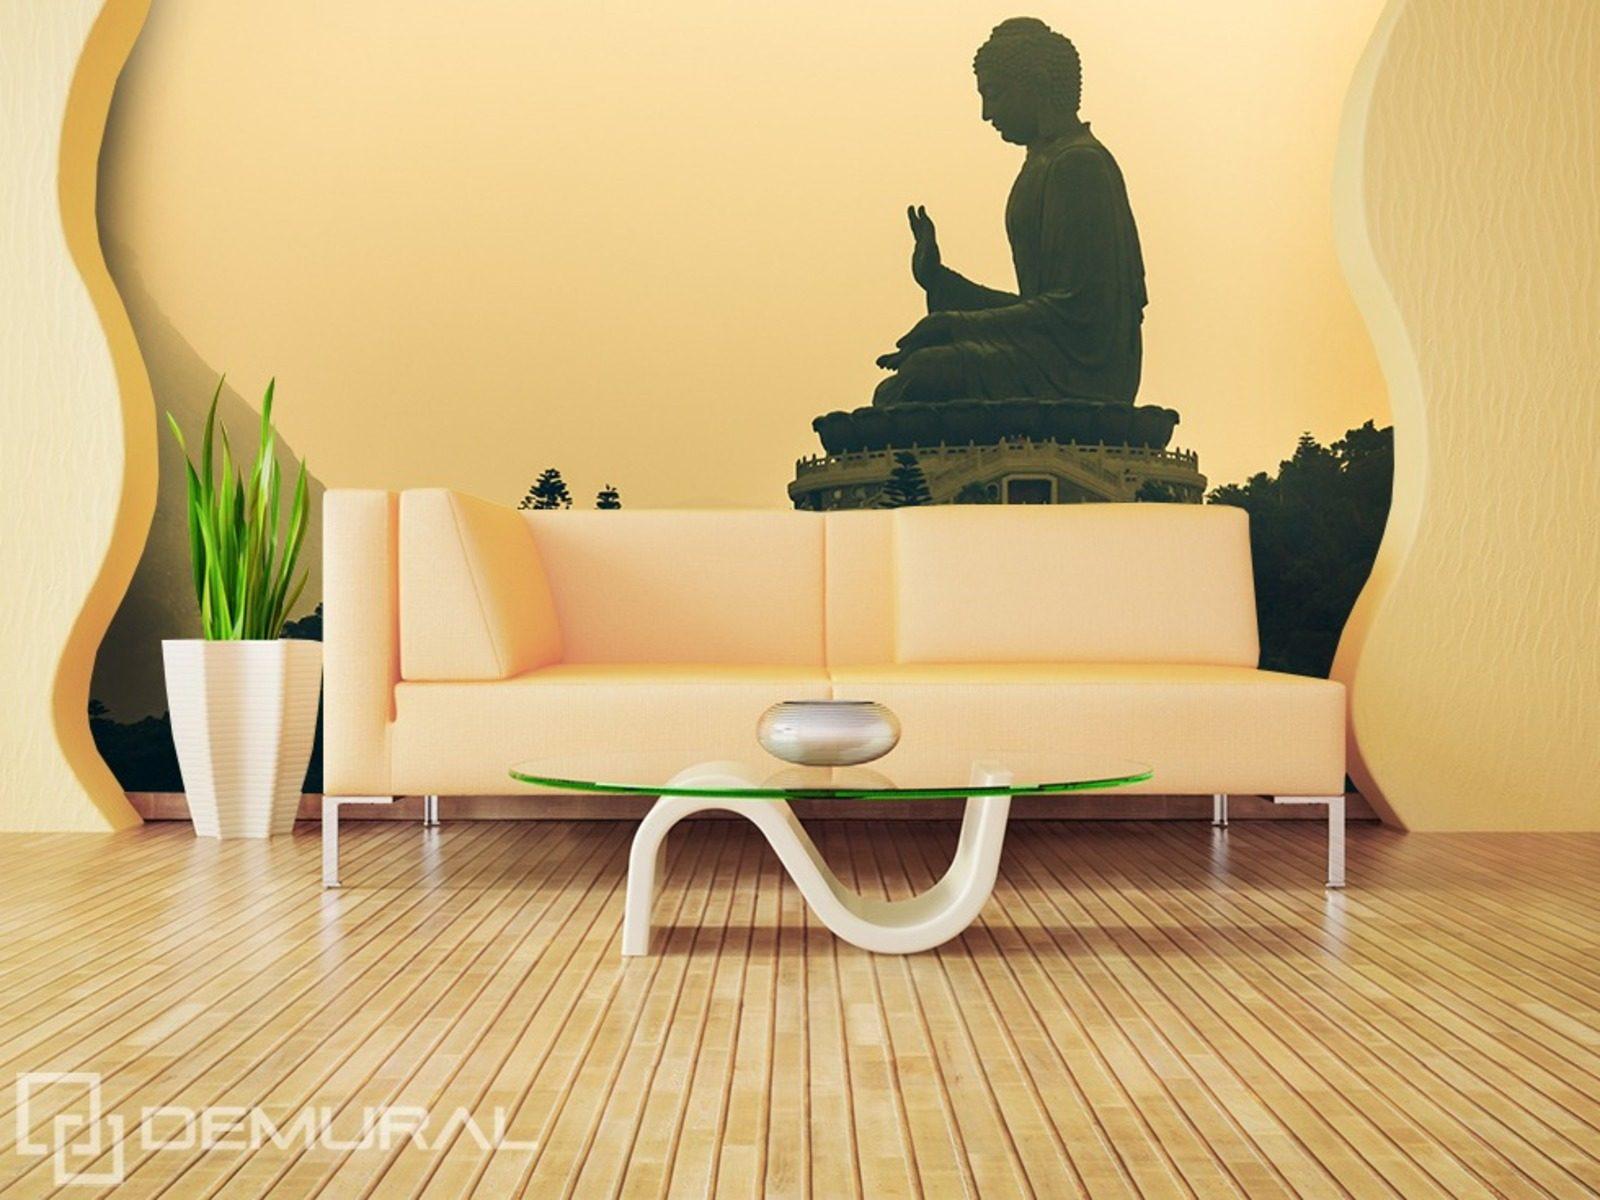 Fototapete Wohnzimmer Motiv : Fototapete Vlies Buddha -Tapete Tapeten ...